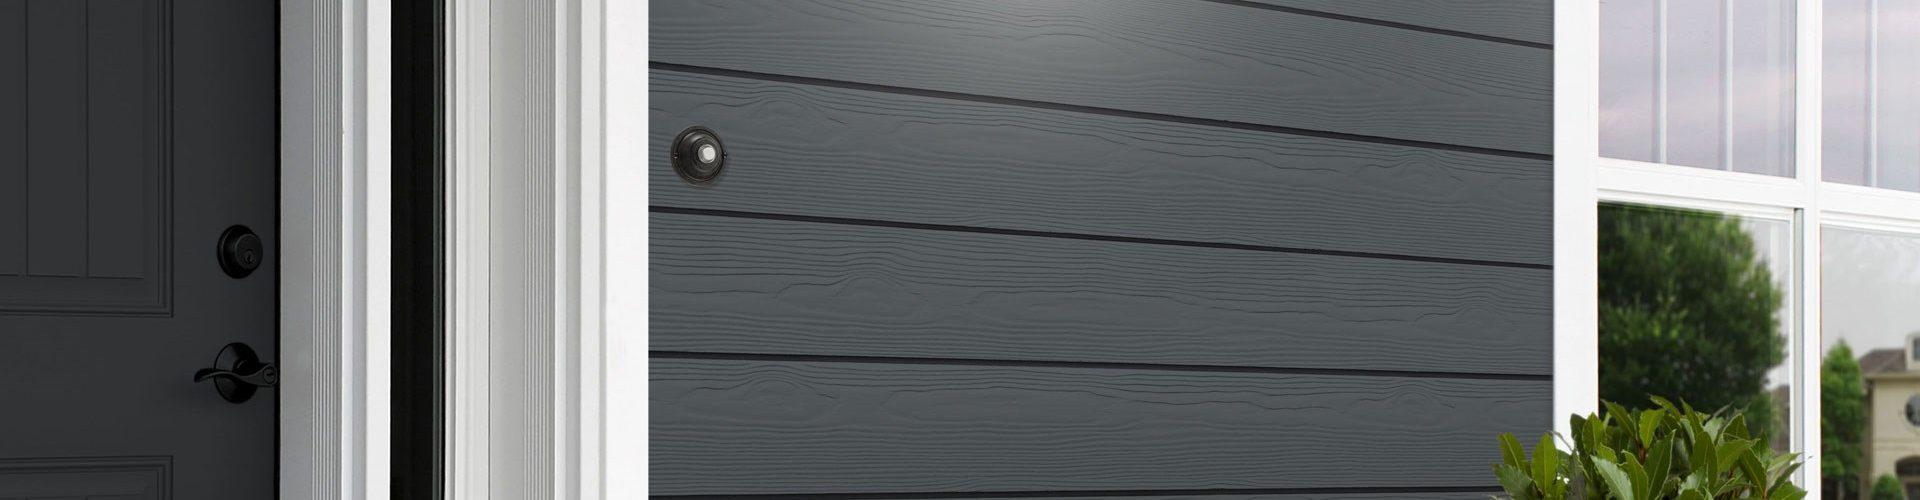 Cedral Click C19 Tume ookean - kiudtsement voodrilaud - puitu immiteeriv